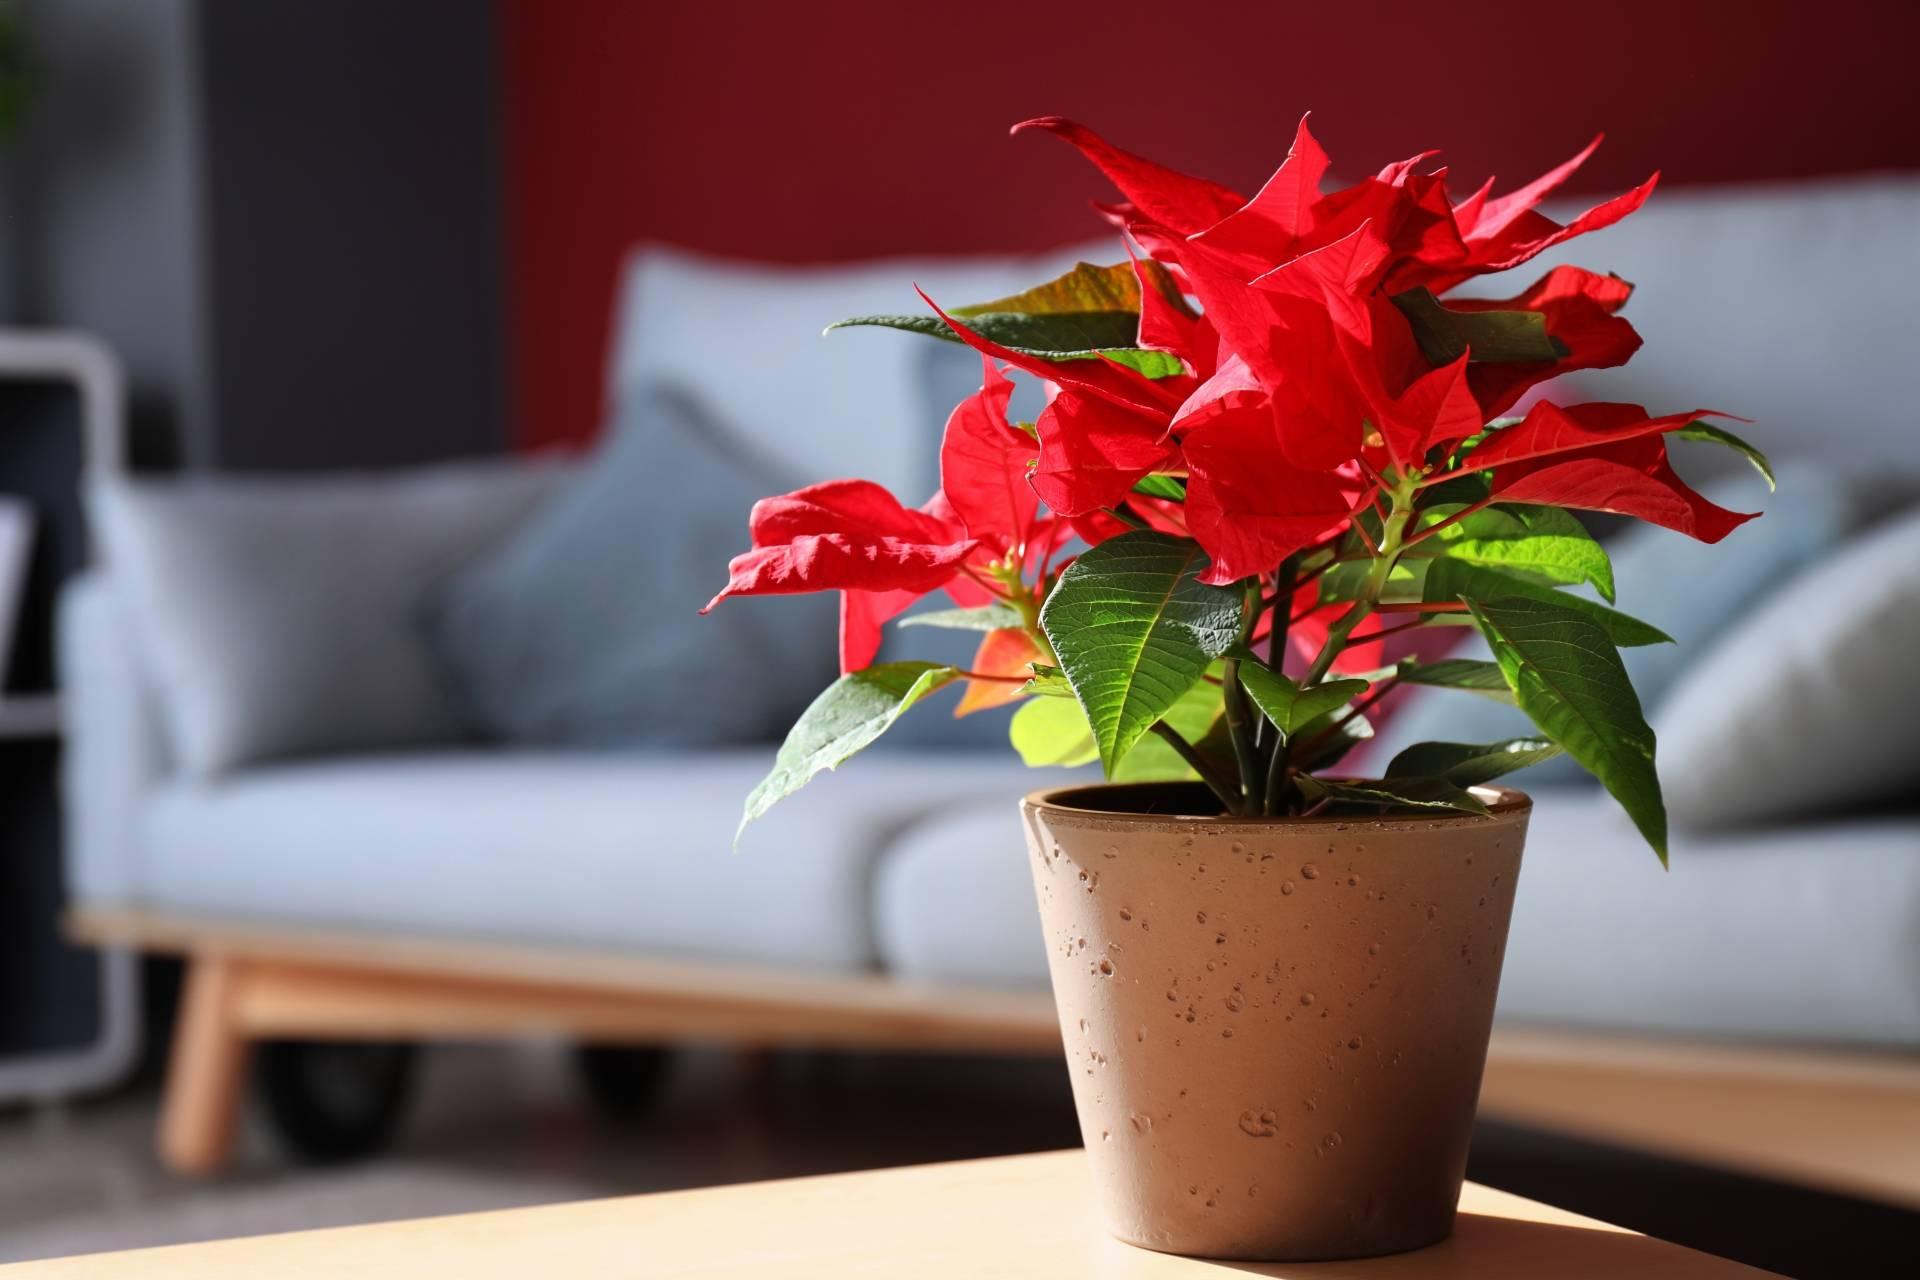 Gwiazda betlejemska na stole w salonie, w tle stoi szara kanapa. Jak dbać o gwiazdę betlejemską? Jak wygląda gwiazda betlejemska, czyli poinsecja?